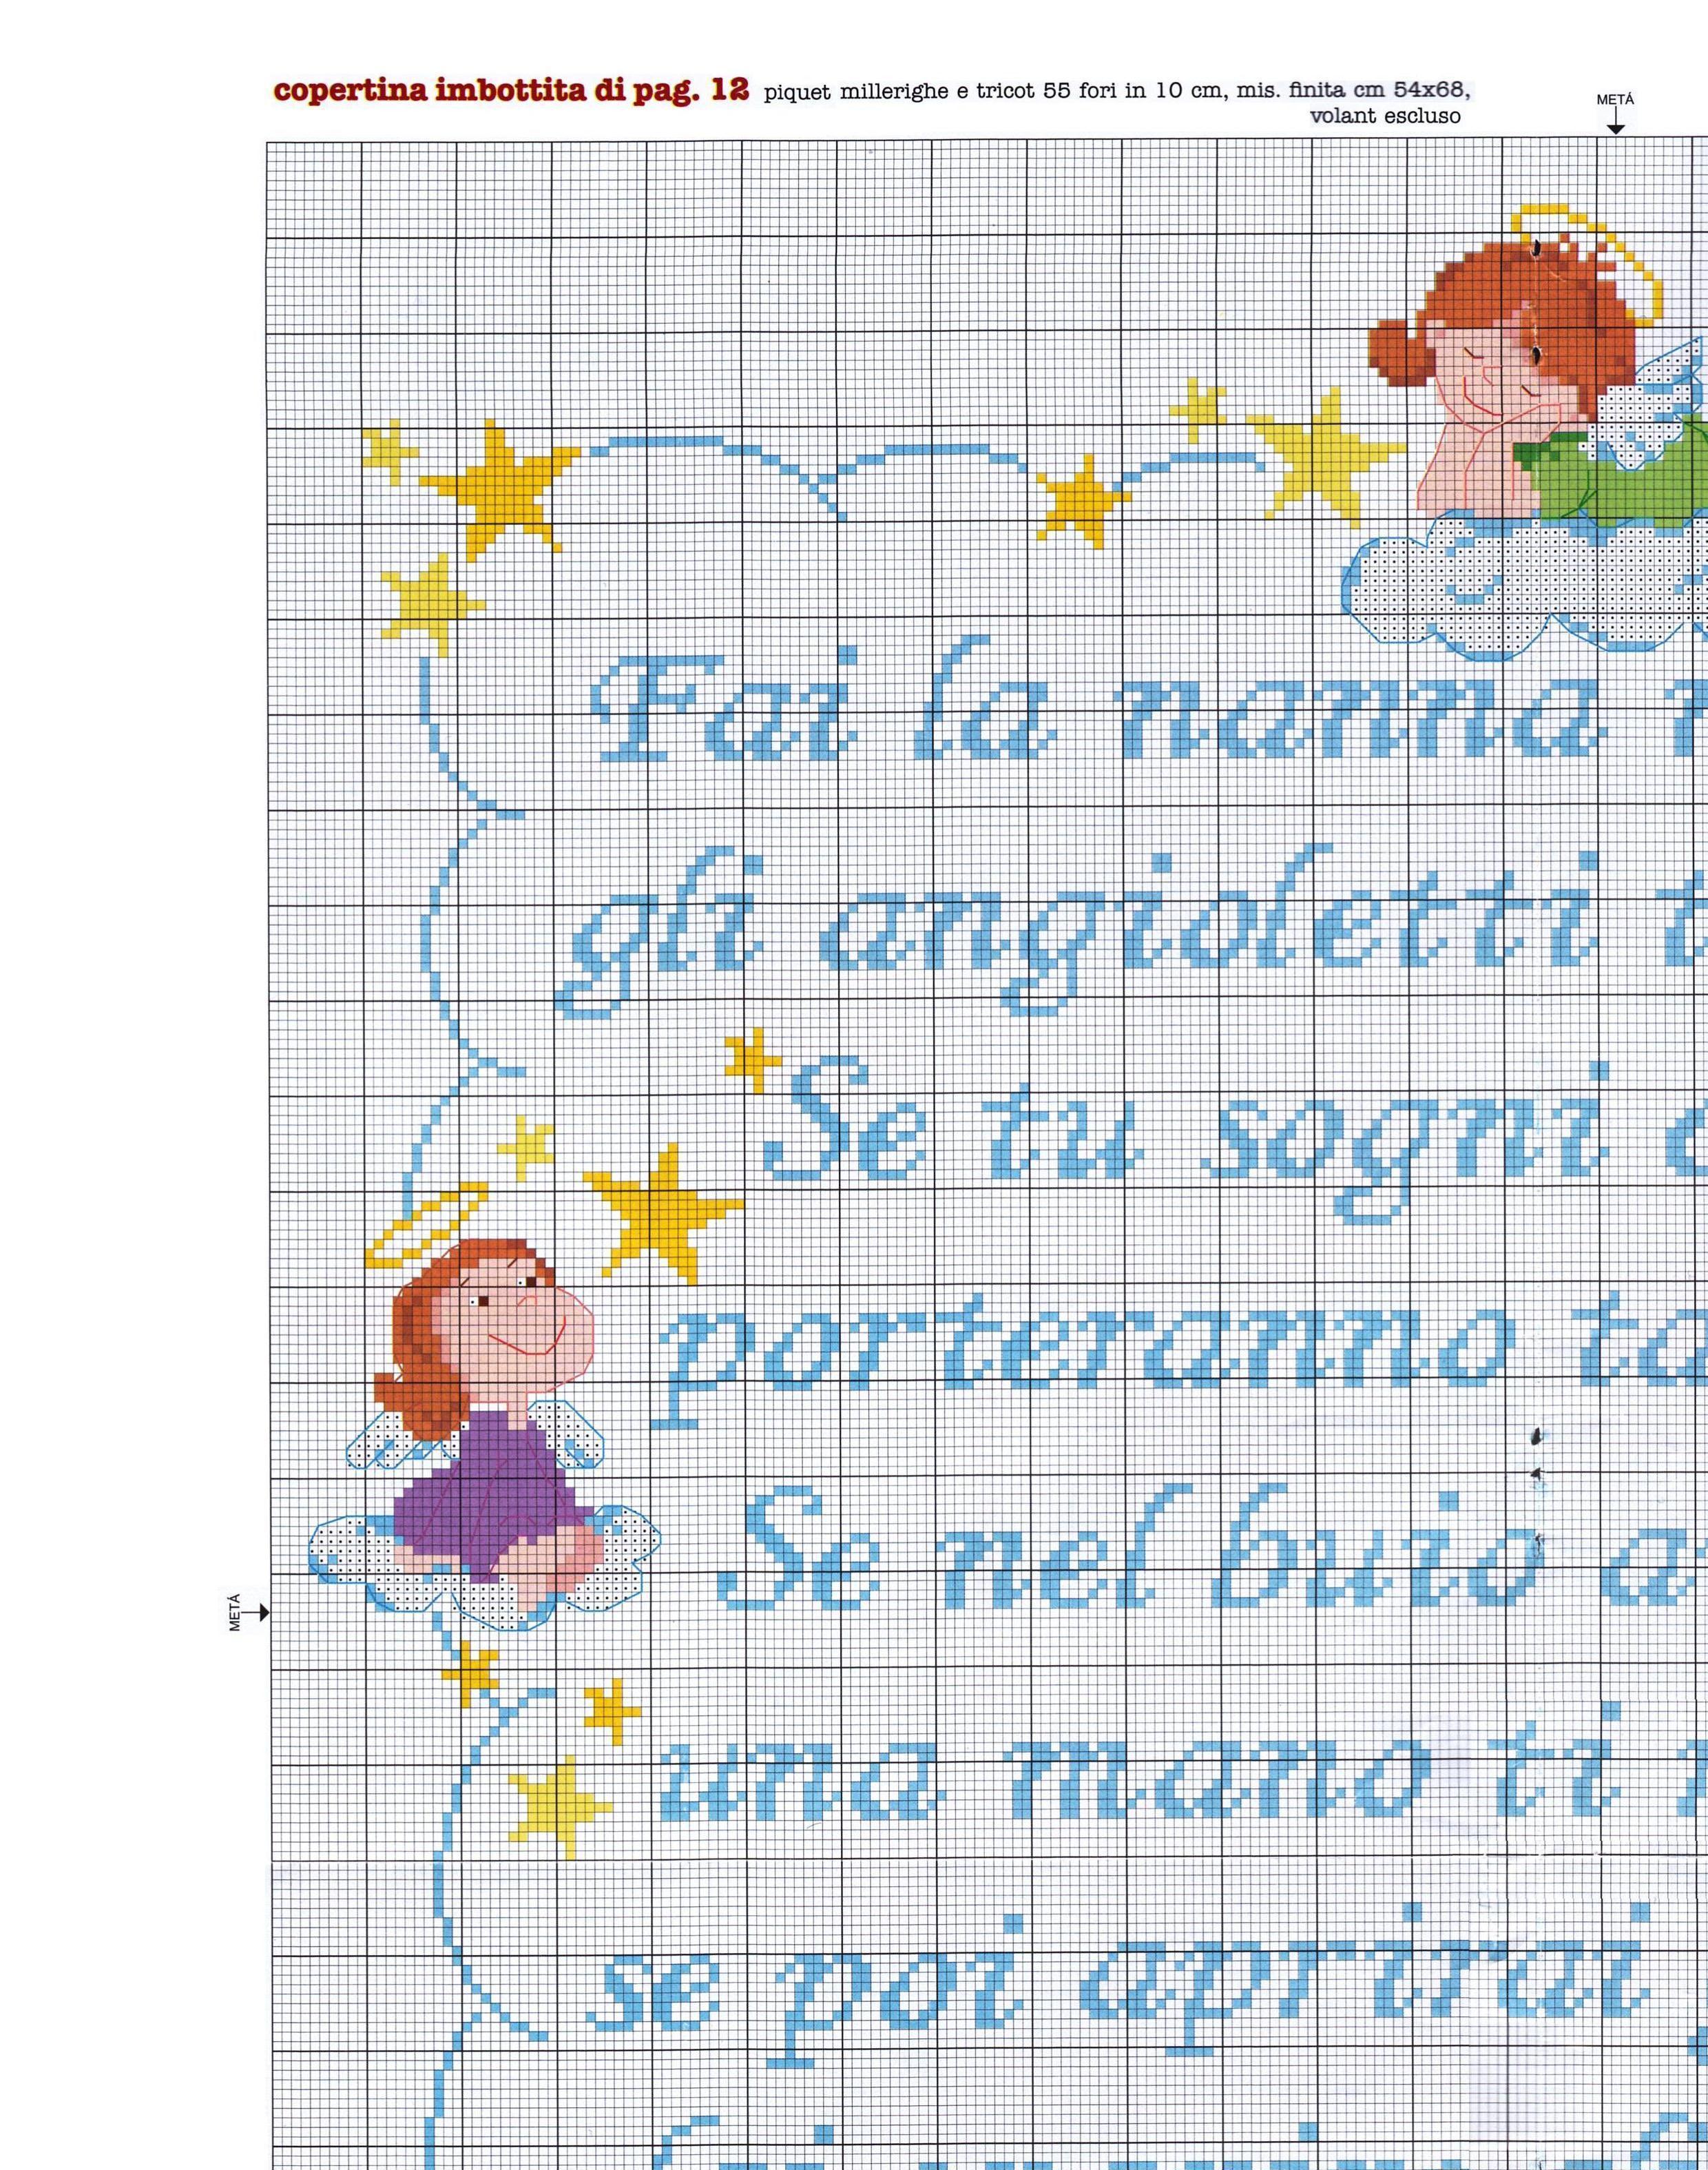 Copertina lenzuolino filastrocca angioletti 4 for Copertine punto croce bimbi schemi